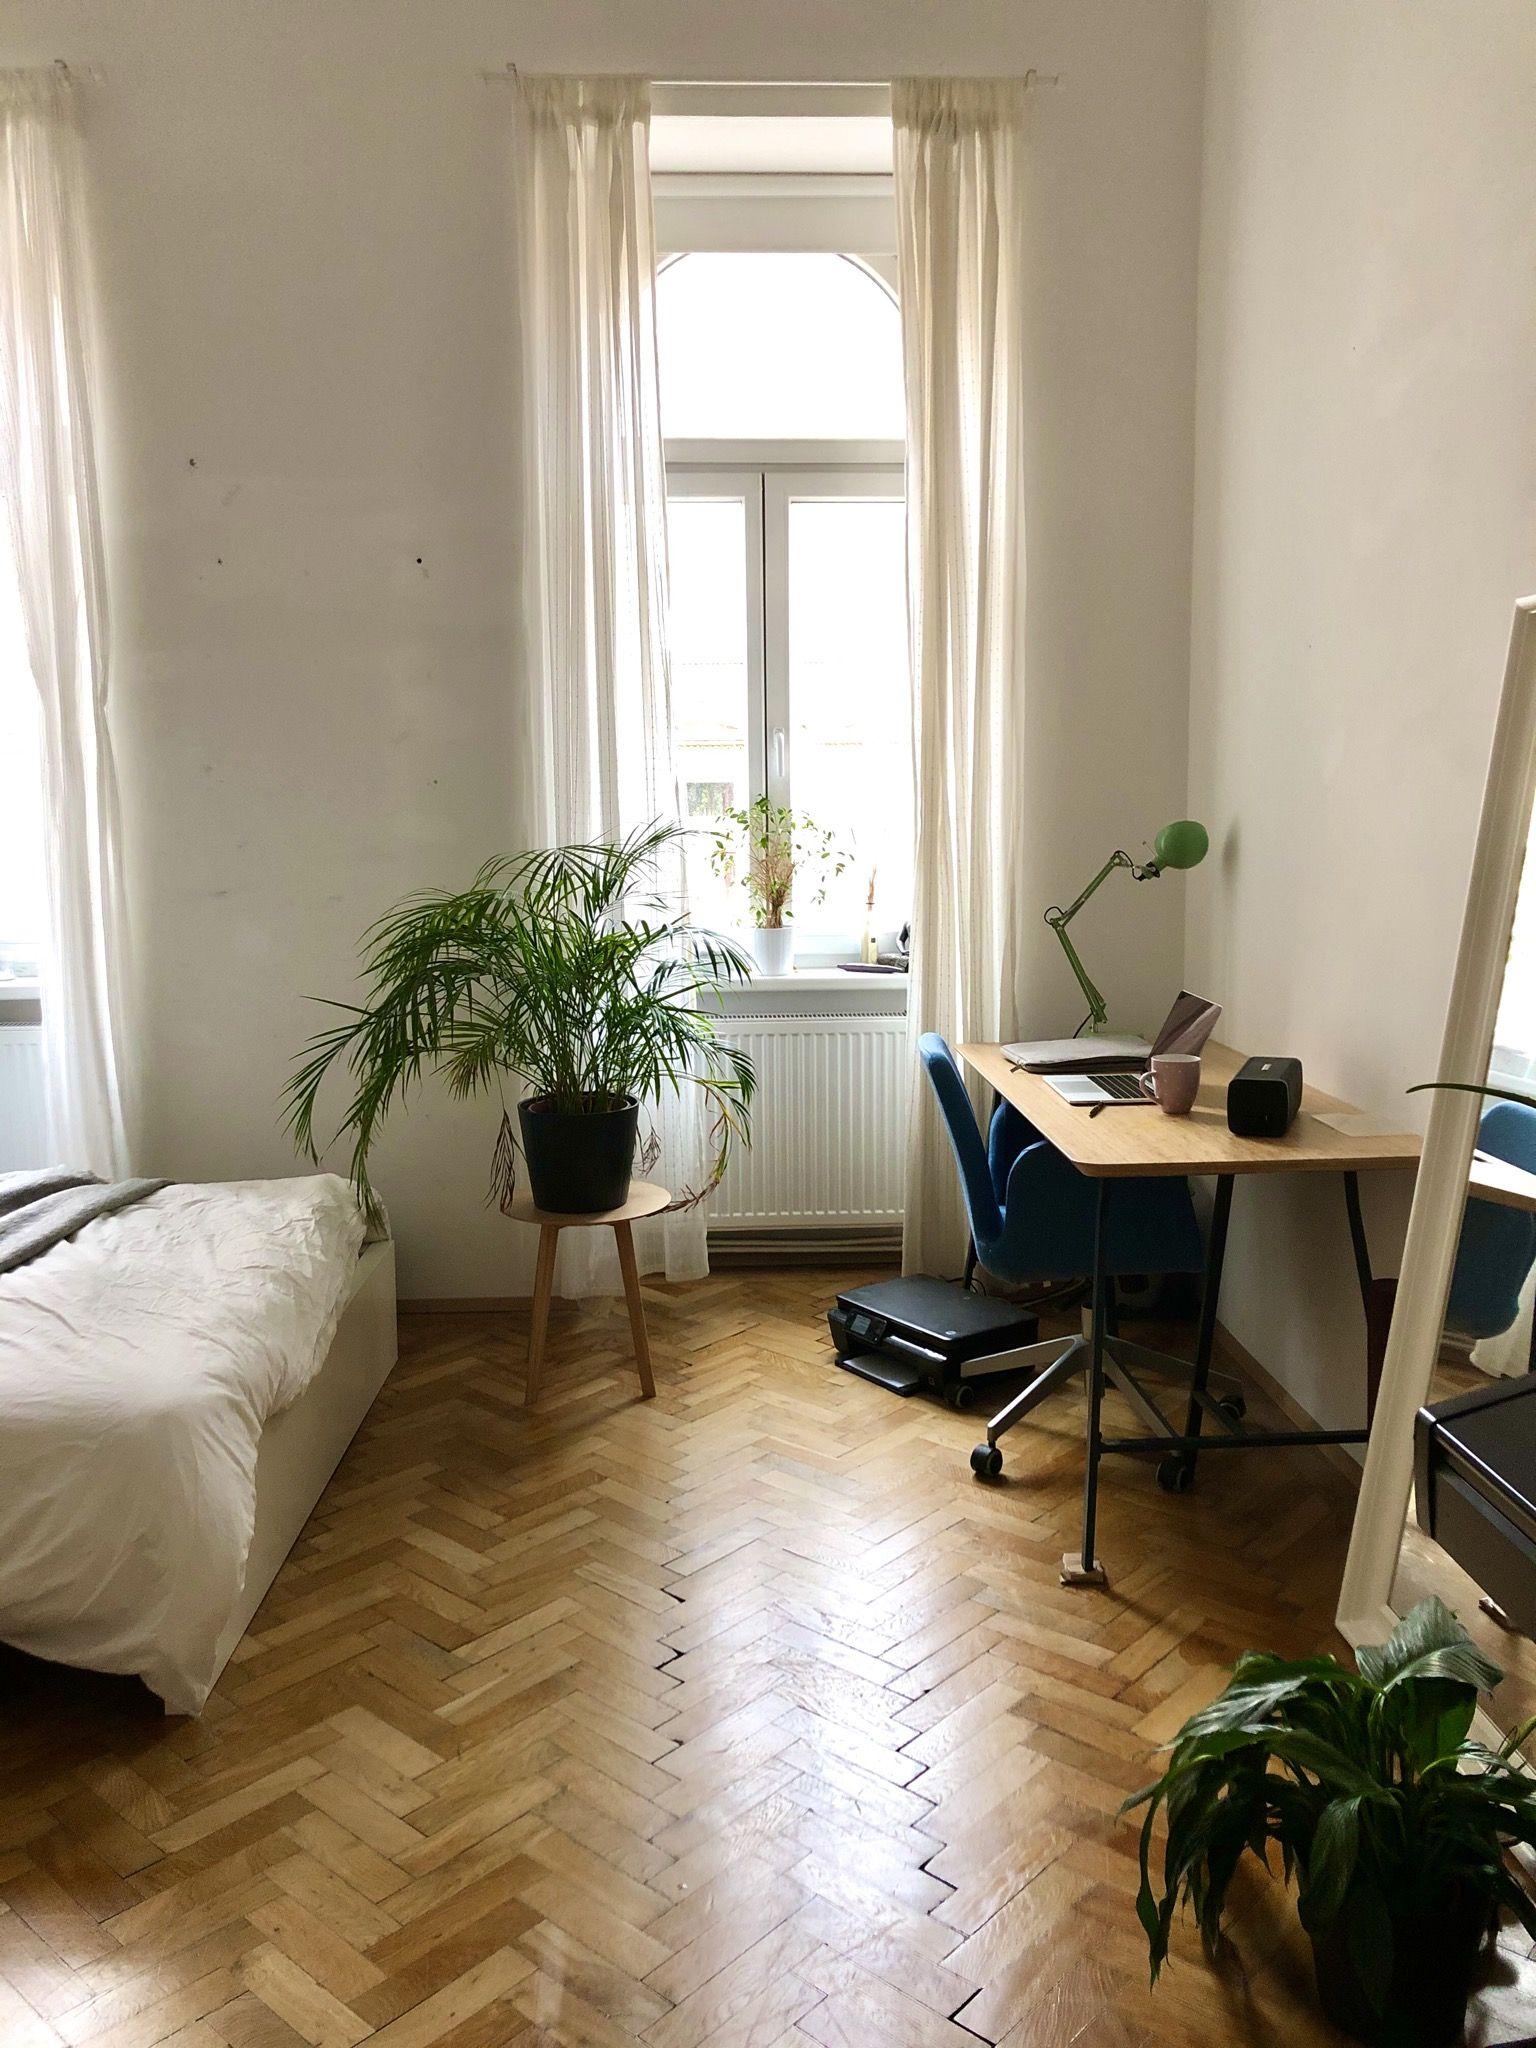 Wiener Wg Zimmer In Altbauwohnung Mit Dielenboden Wggesucht Wg